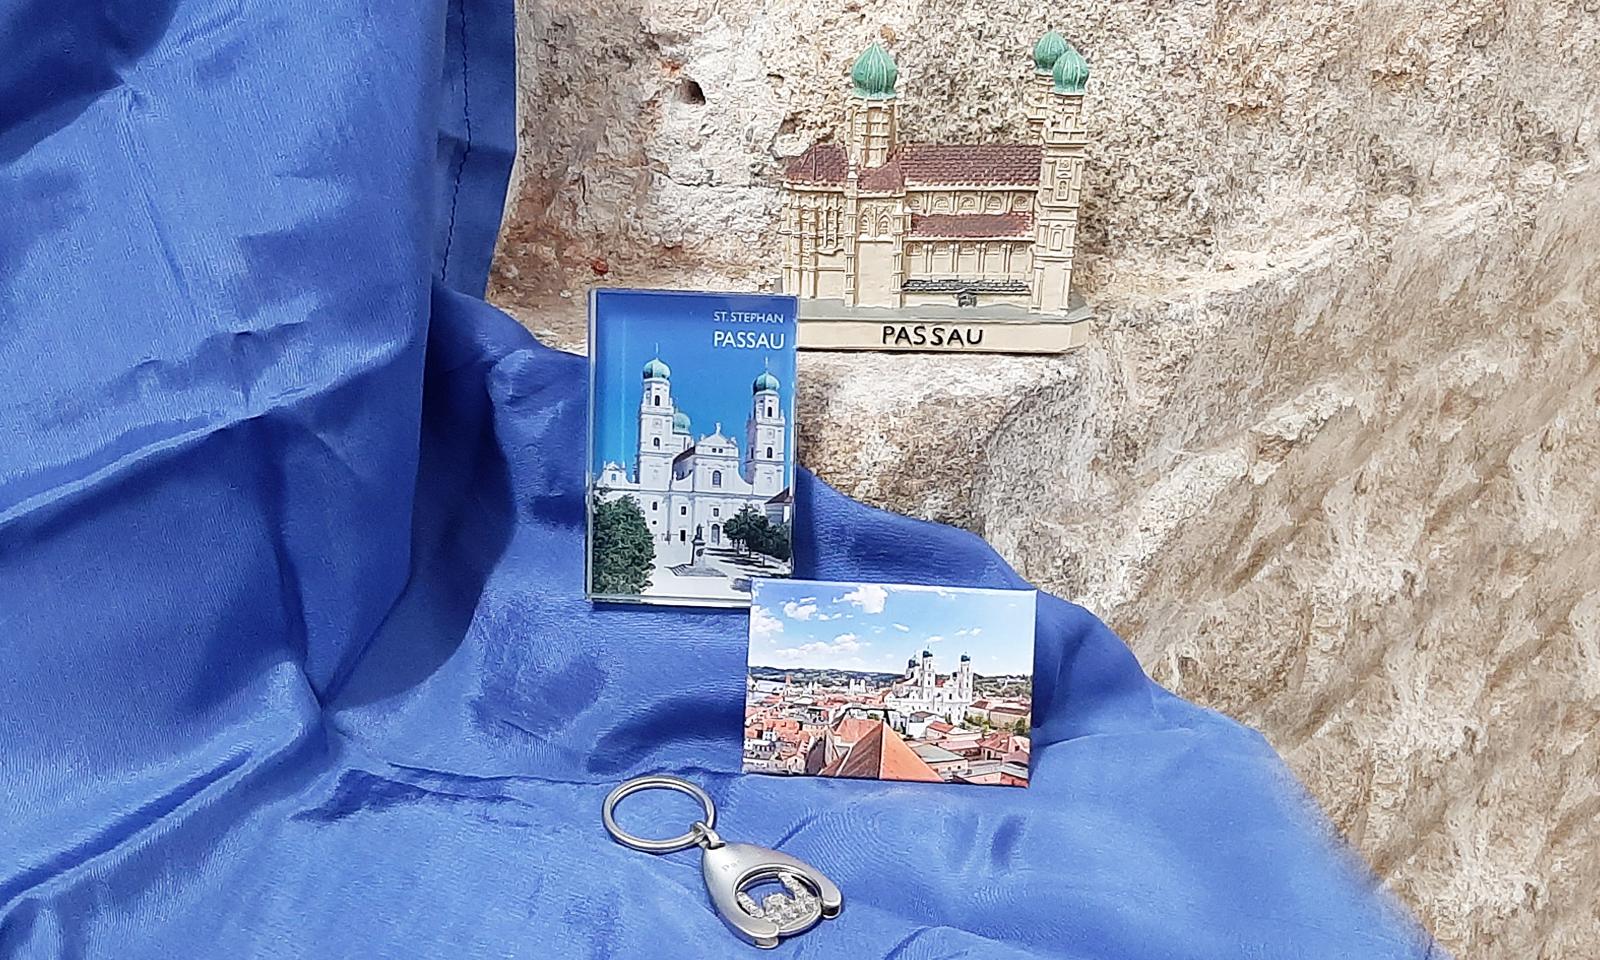 Produkt der Woche Passau